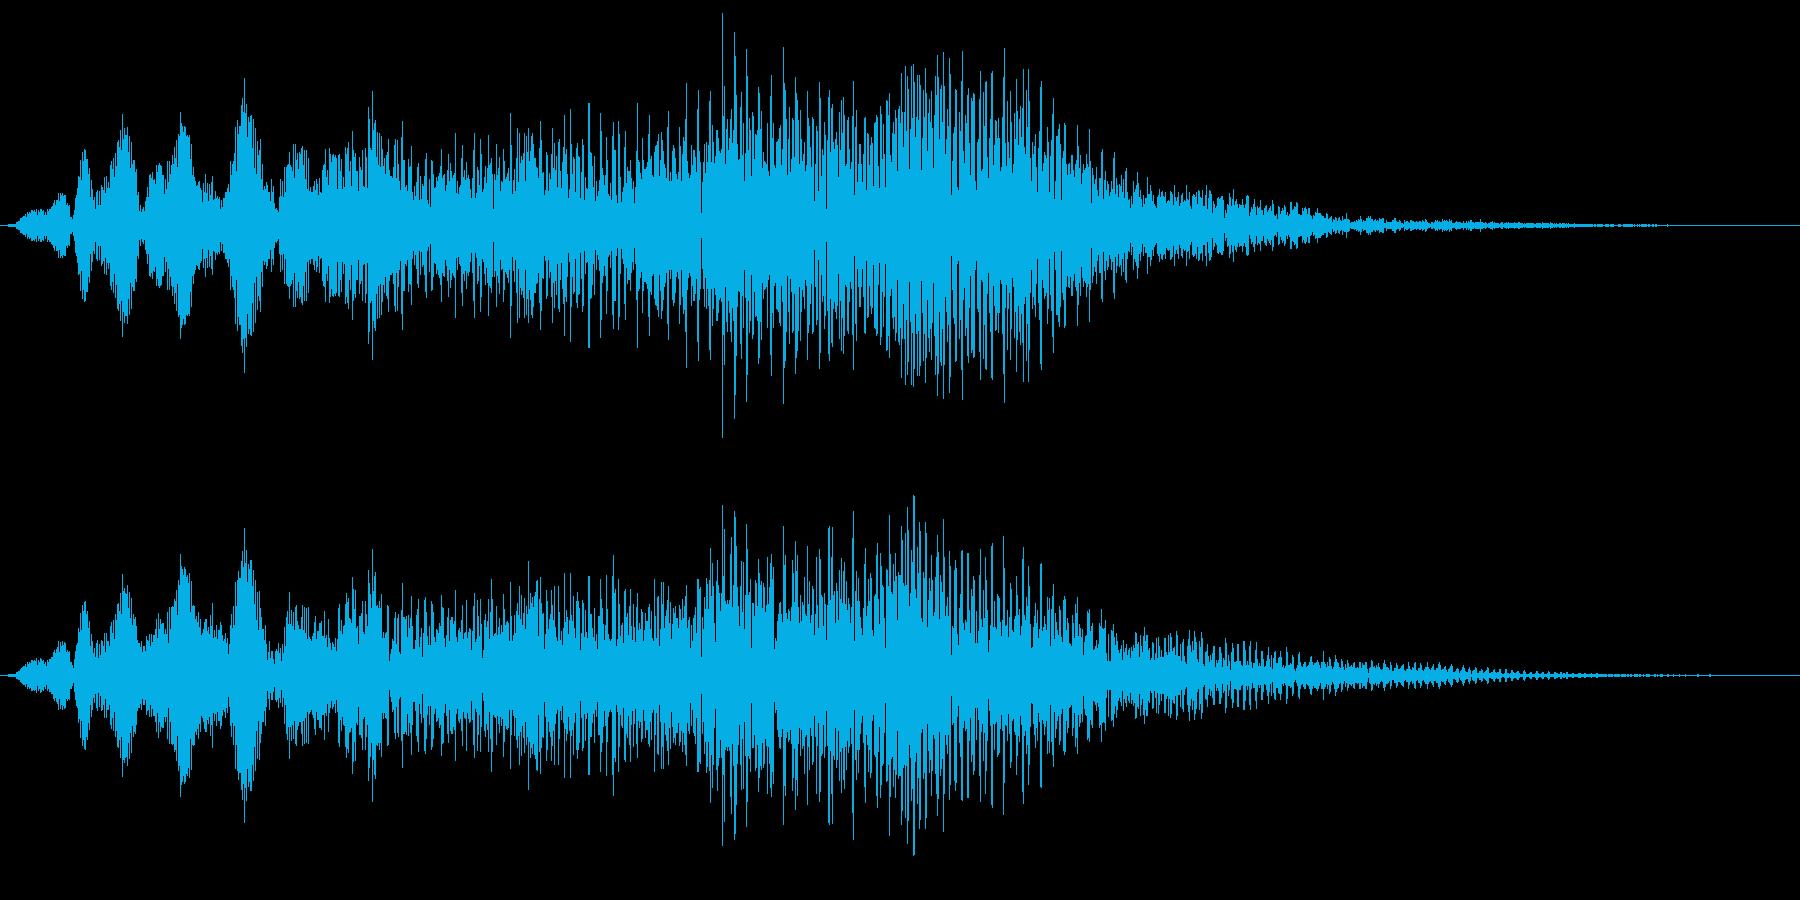 ンウォーン(マイナスイメージ_恐怖)の再生済みの波形